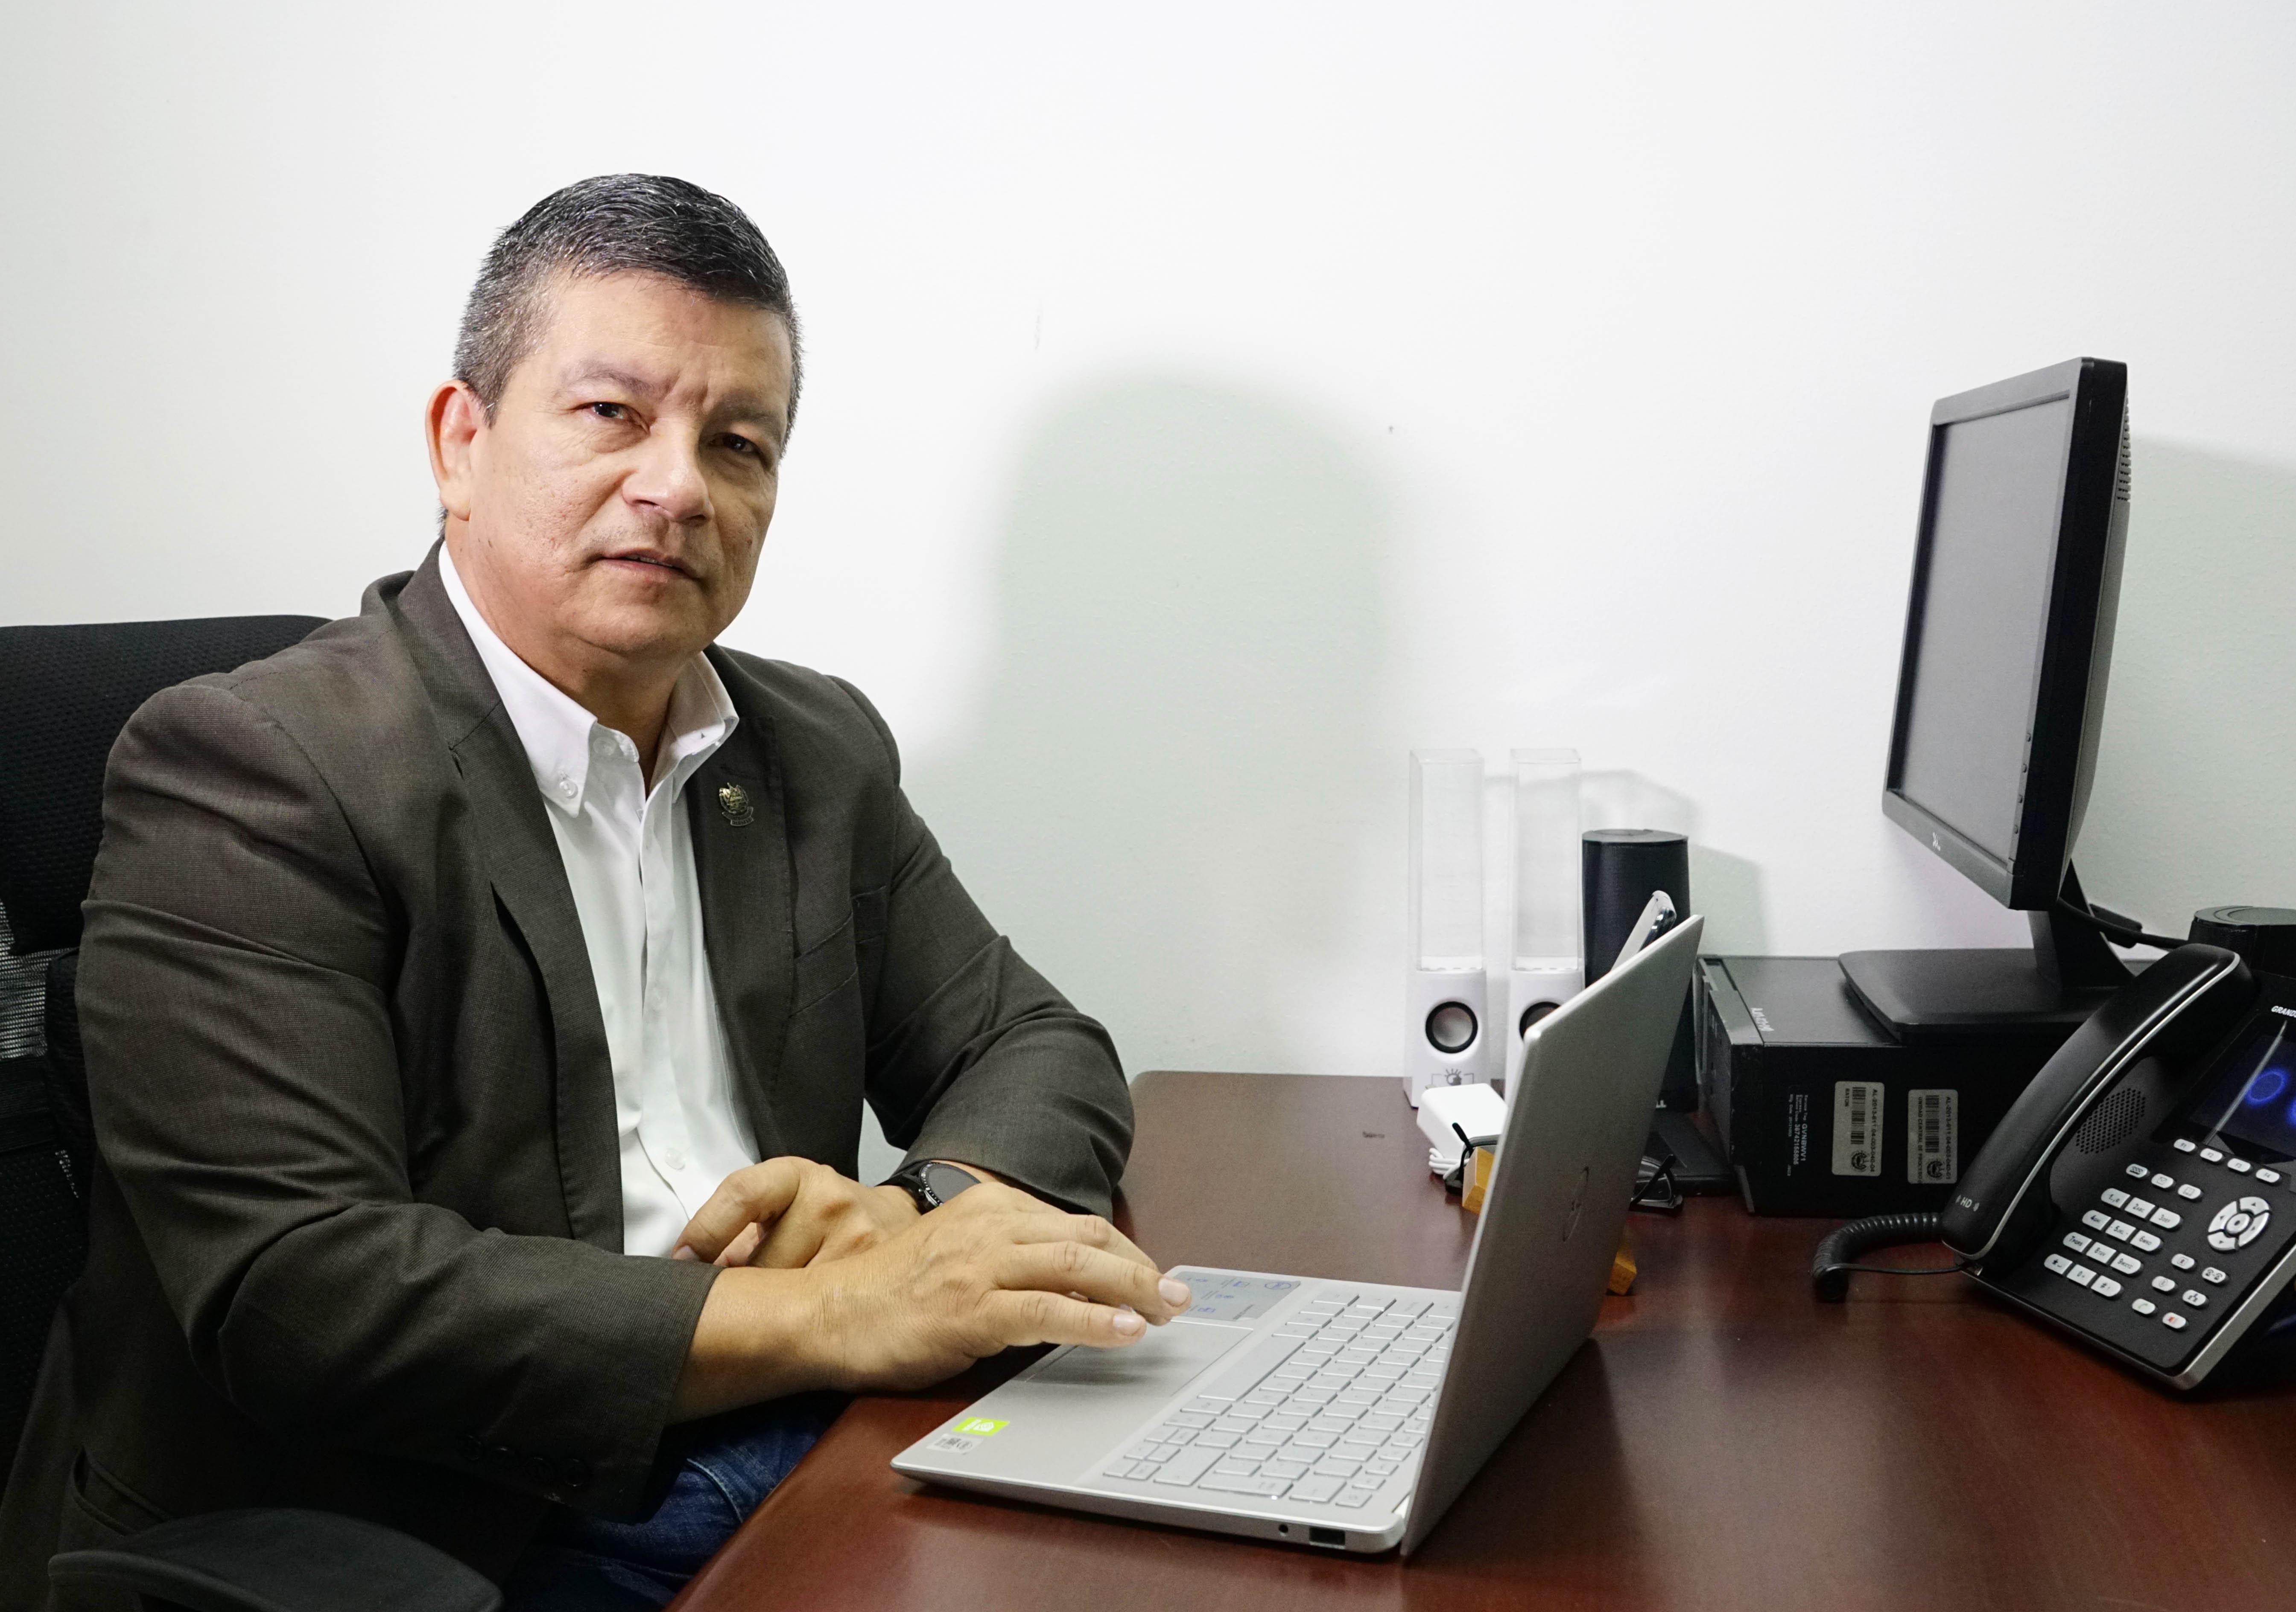 萨尔瓦多-中国友好协会主席弗洛雷斯:中国树立